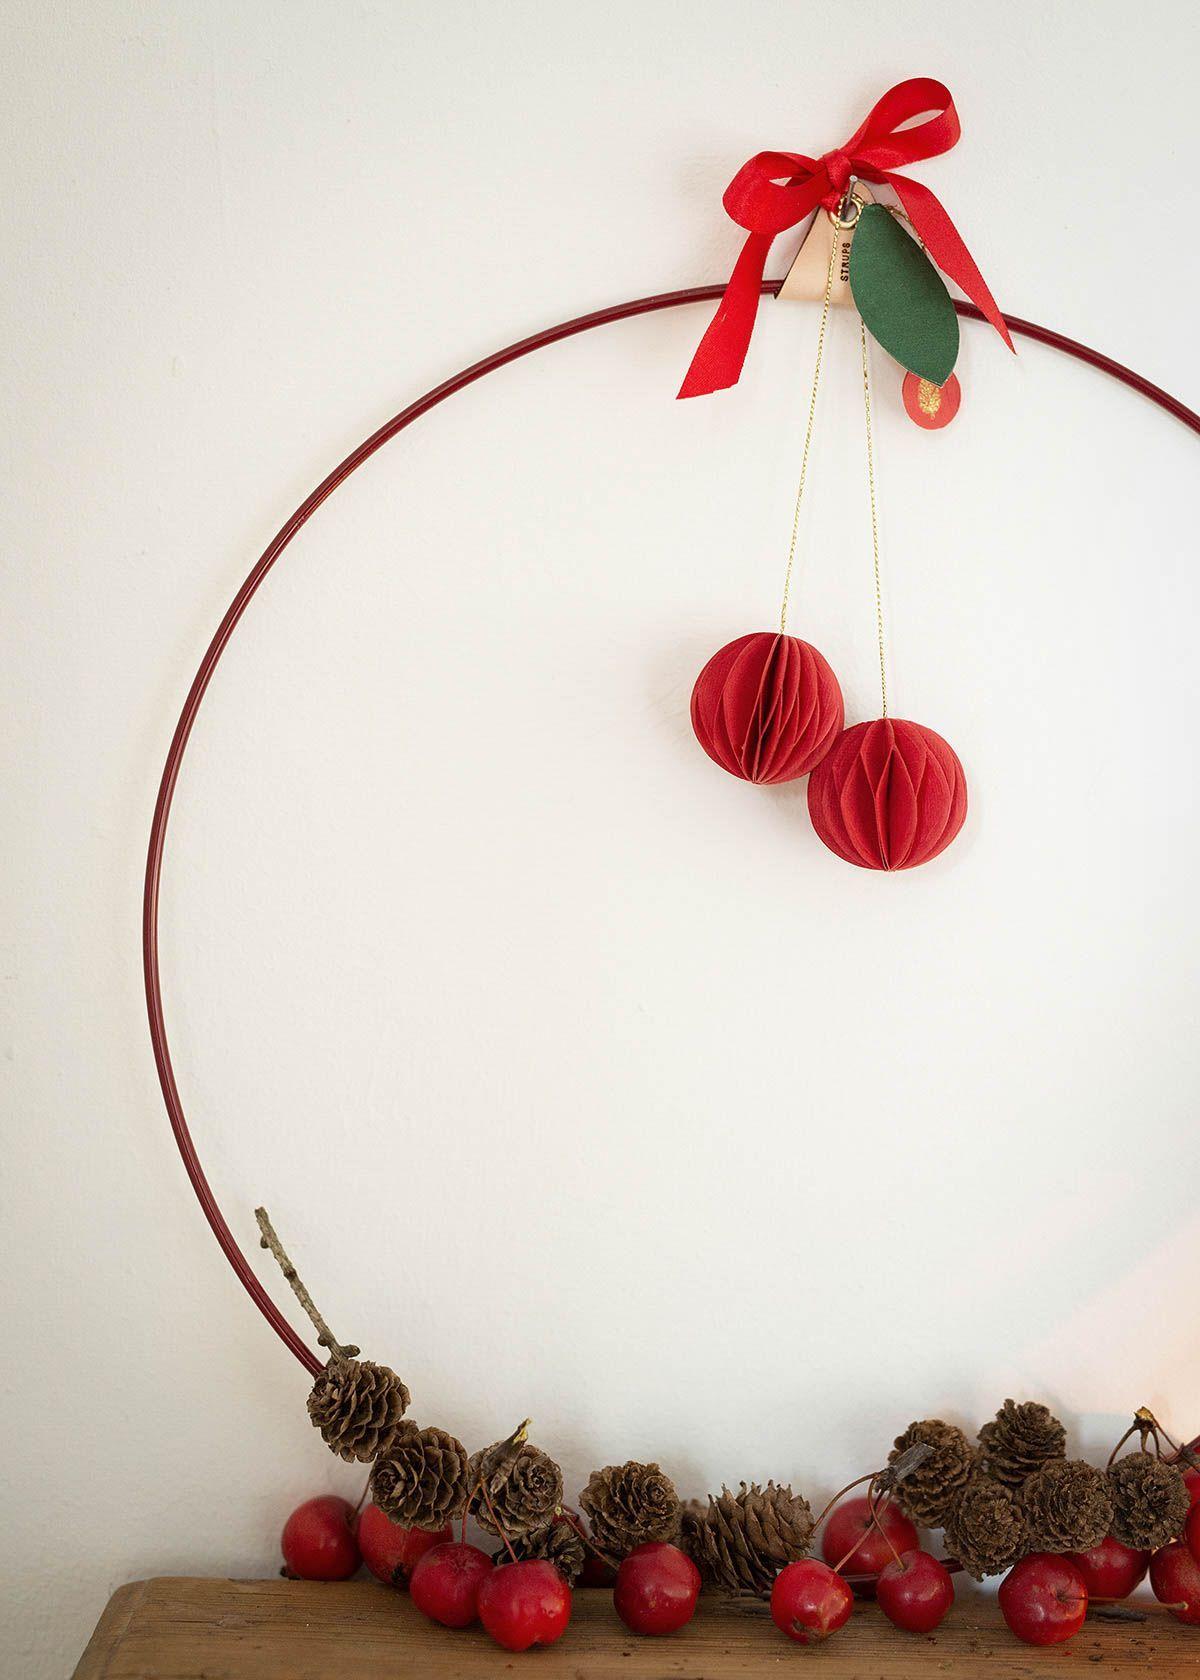 Wunderschön gemacht - #weihnachtsdeko2019trend Der schlichte Dekoring in rot ist mit Zapfen, Zieräpfeln und den Rosetten- Papieräpfeln dekoriert. Den Metallkranz, die Honeycomb Apfel-Christbaumhänger und die Eichhörnchen sind im wunderschoen-gemacht shop erhältlich. #weihnachtsdeko #adventskranz #kranzmitäpfeln #wunderschoengemachtblog #wunderschoengemachtshop